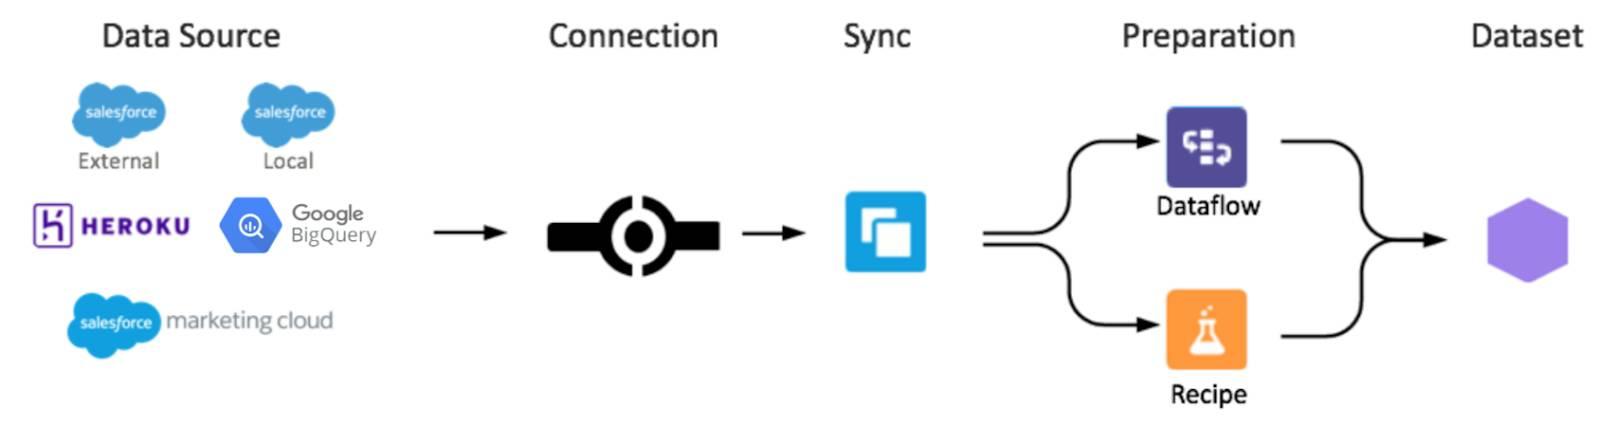 O BigQuery pode ser selecionado como fonte de dados para sincronização com conjuntos de dados do Einstein Analytics.